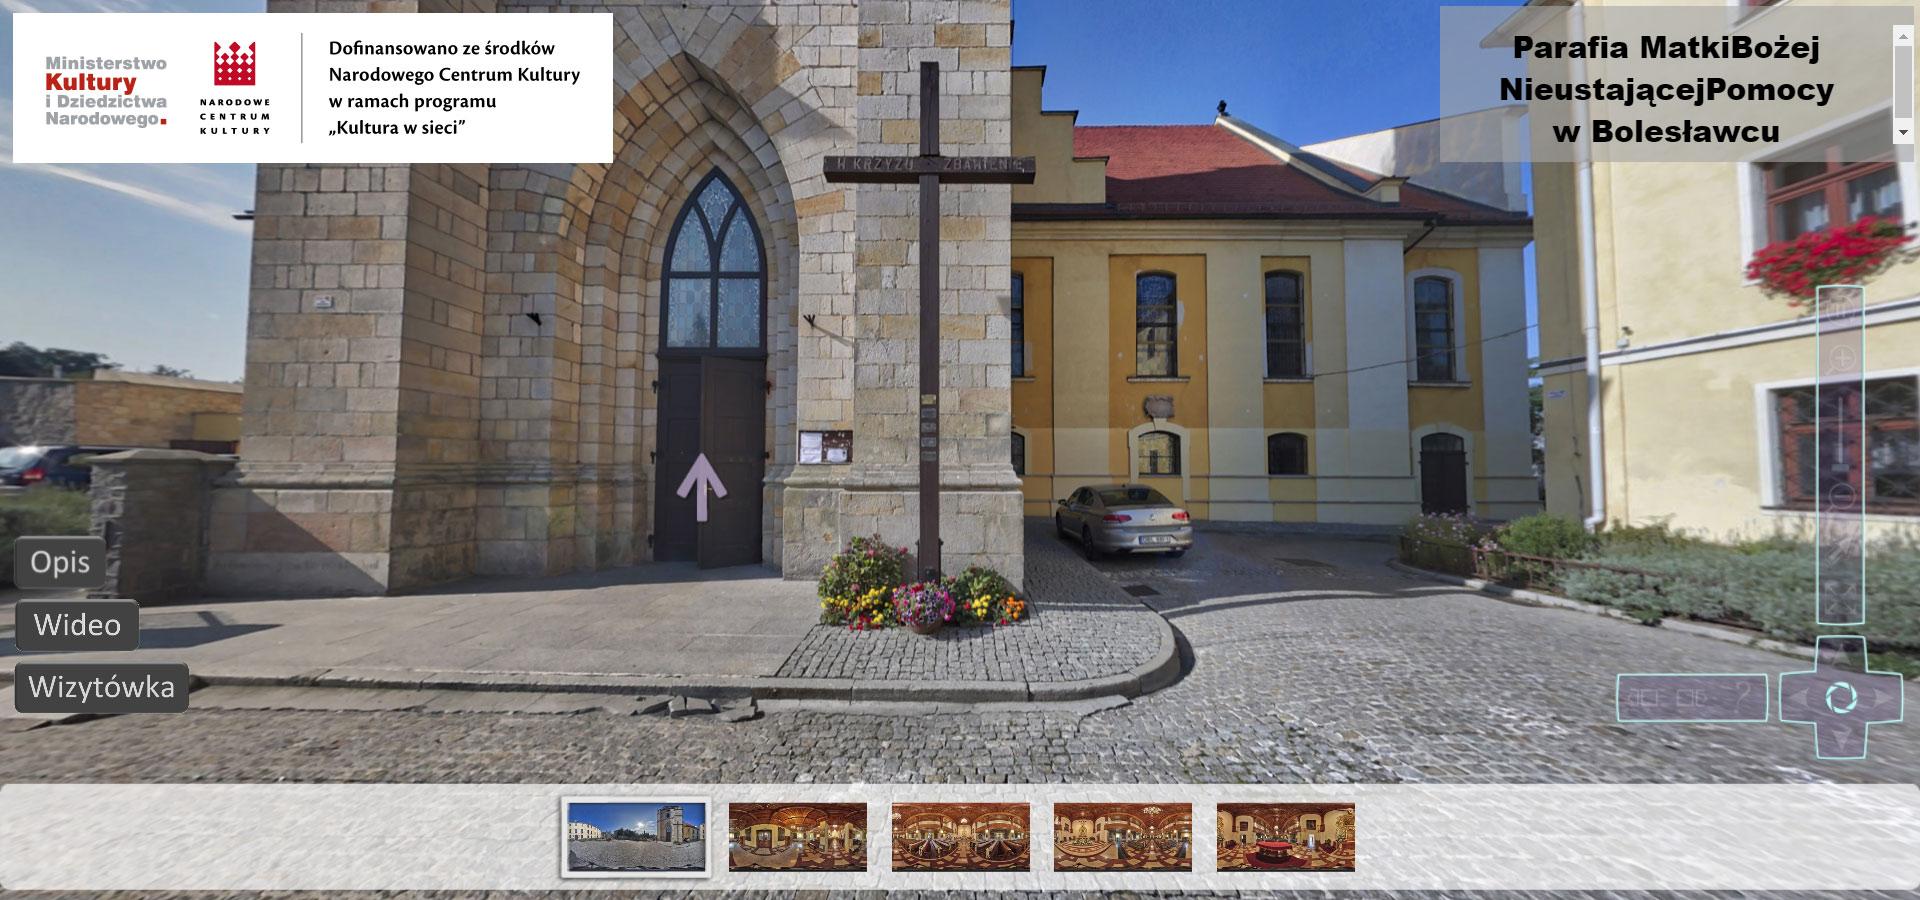 13Parafia-Matki-Bożej-Nieustającej-Pomocy-w-Bolesławcu